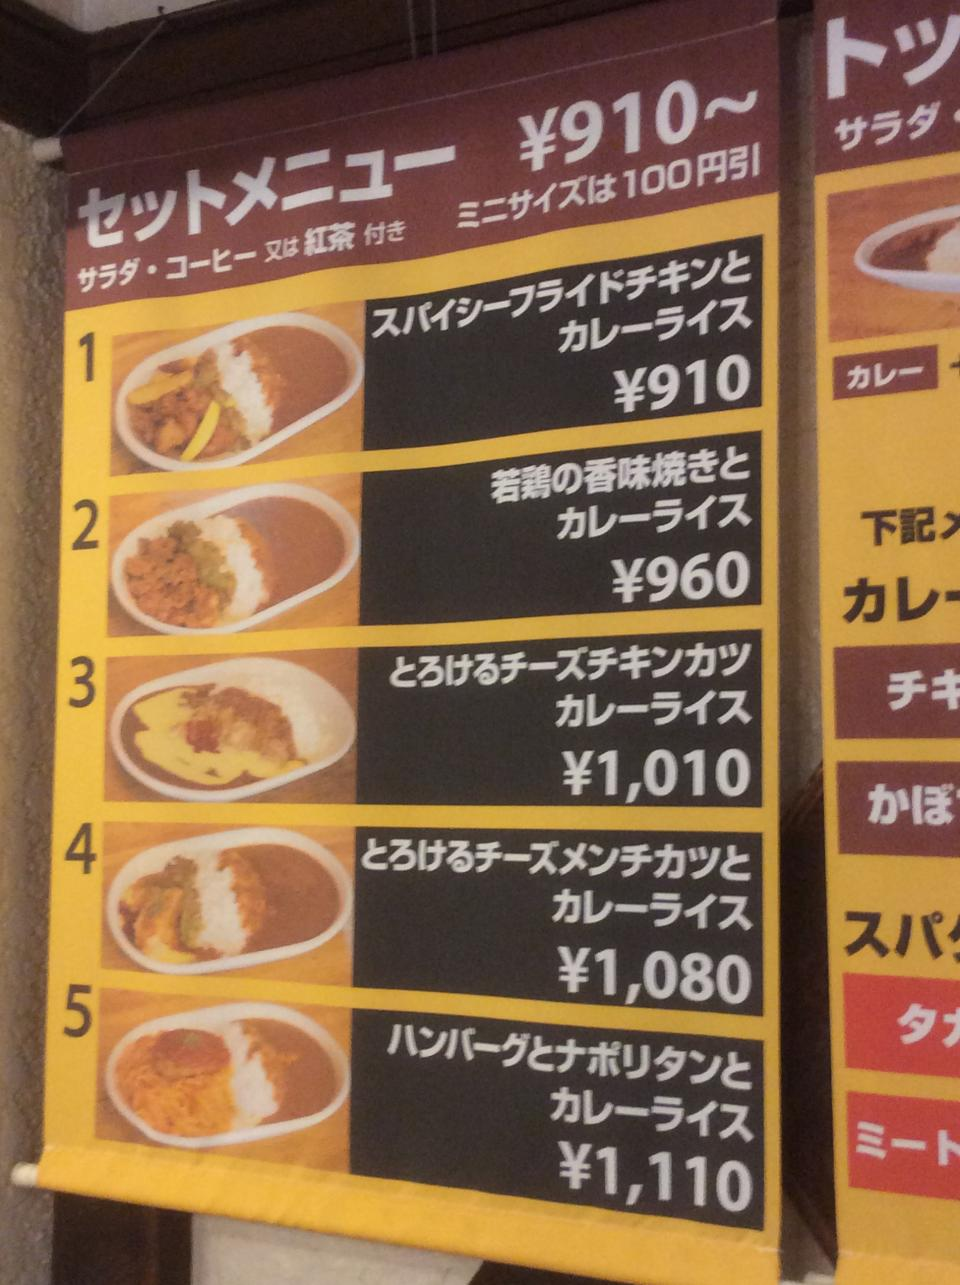 カレー専門店パピー元住吉(メニュー)